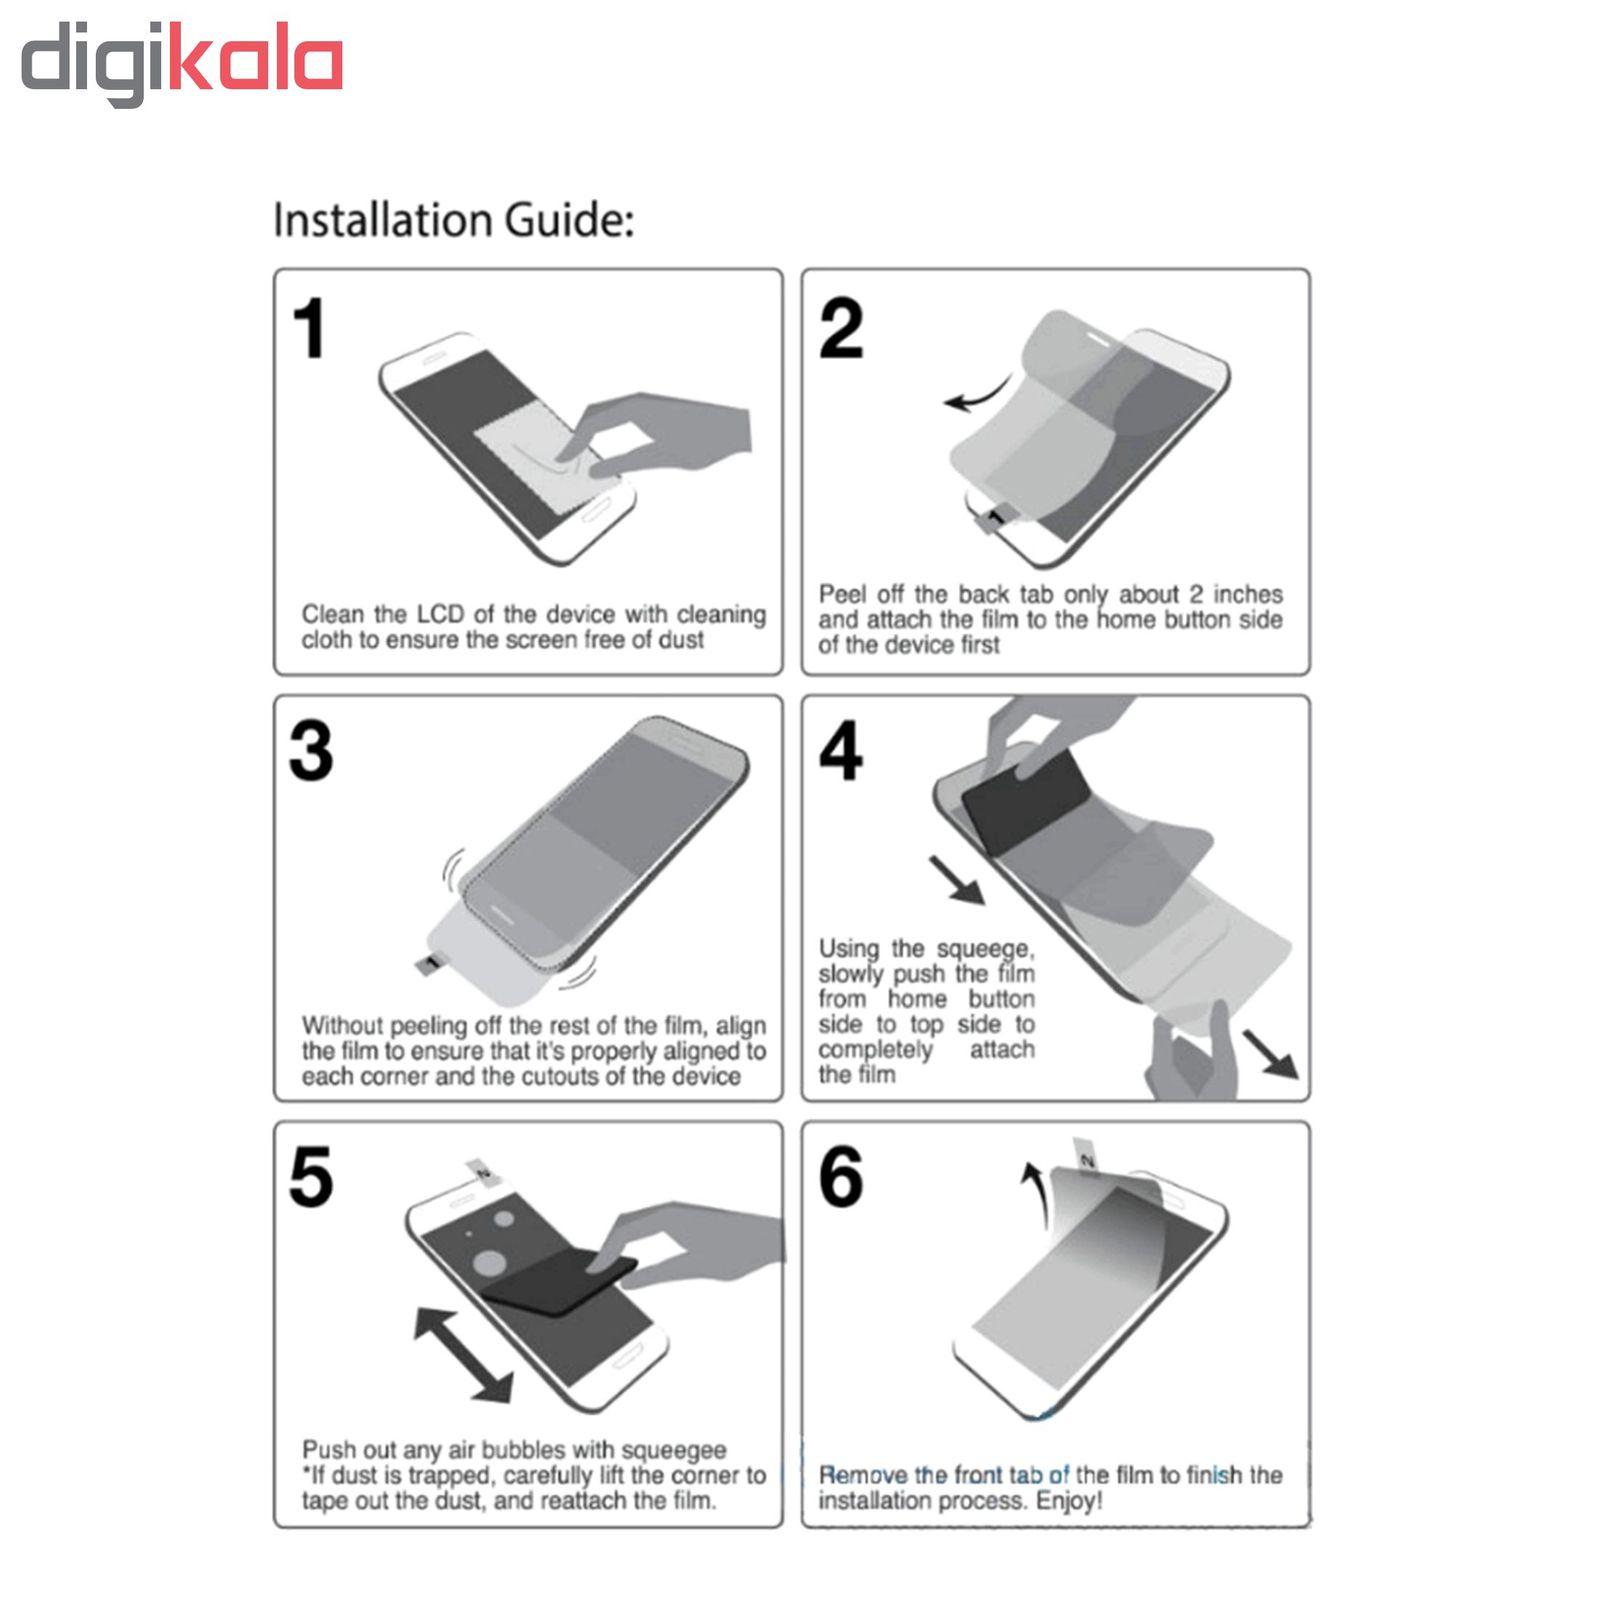 محافظ صفحه نمایش Hard and thick مدل F-001 مناسب برای گوشی موبایل سامسونگ Galaxy Note 8 main 1 7